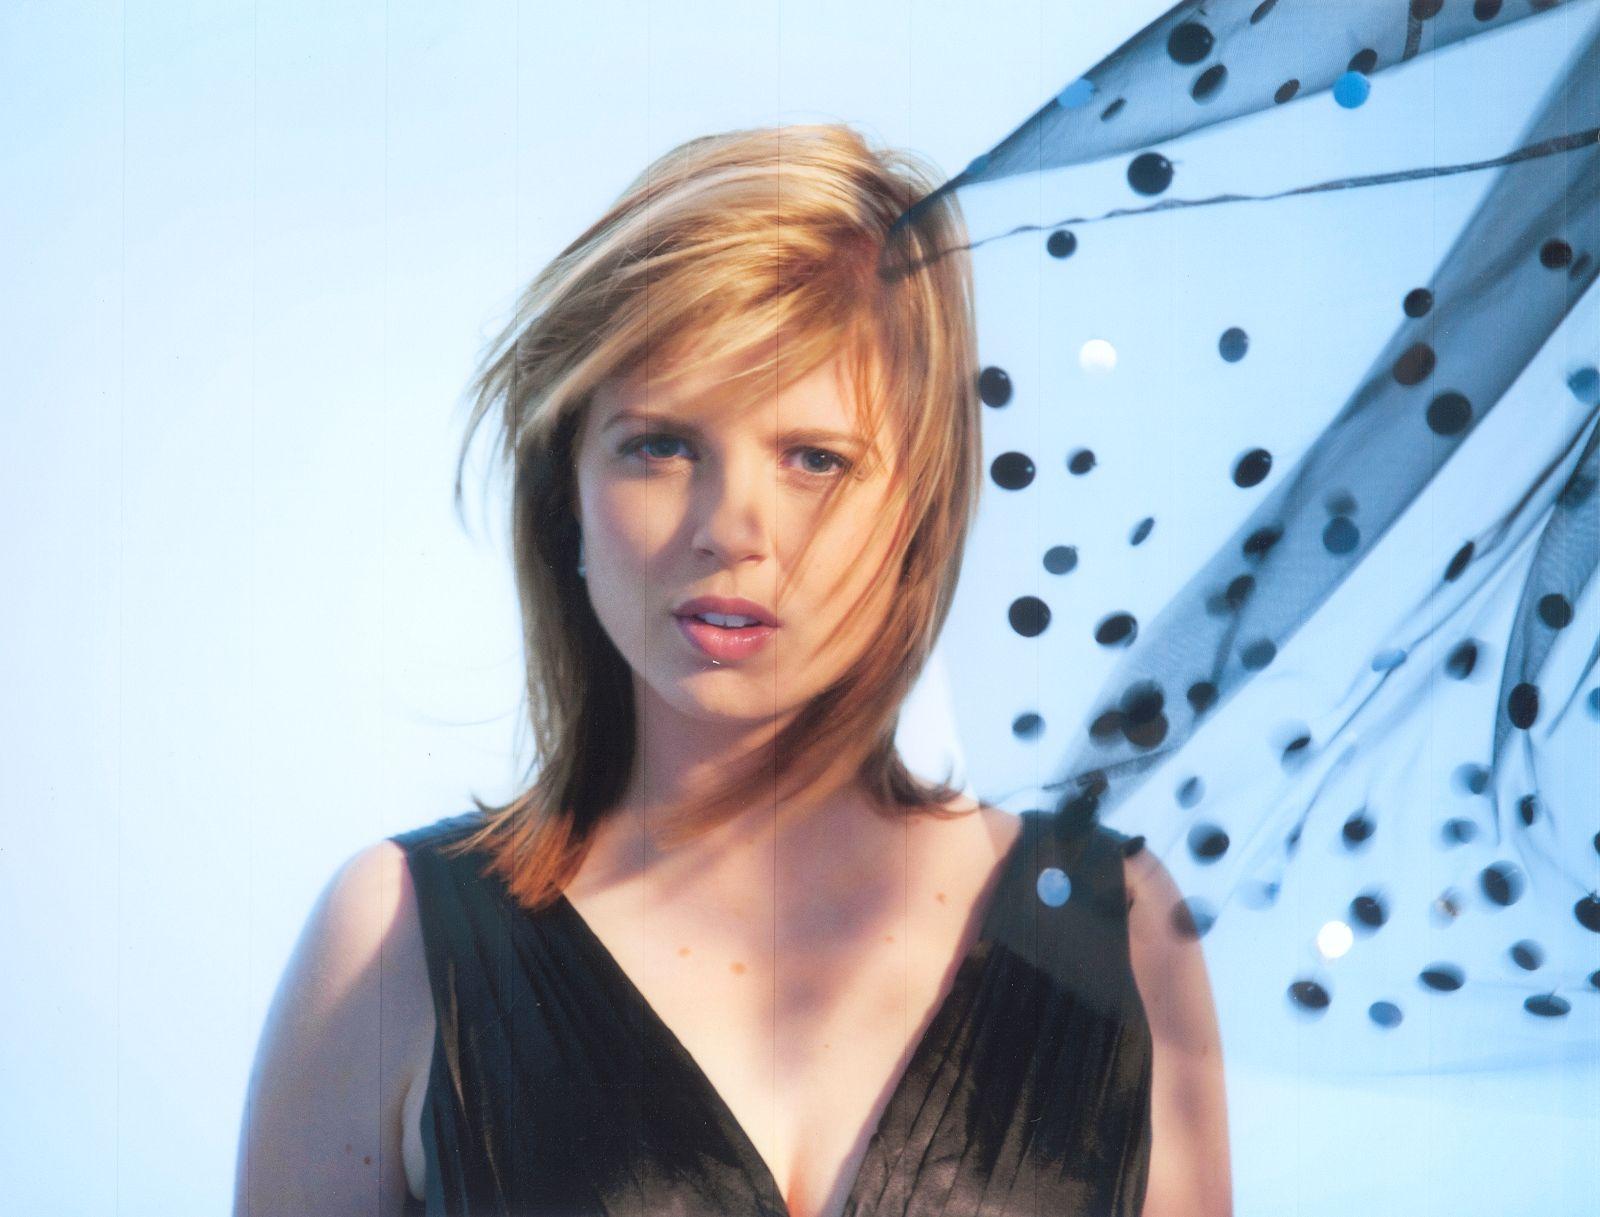 Simone Kopmajer* Simone - Let's Fall In Love